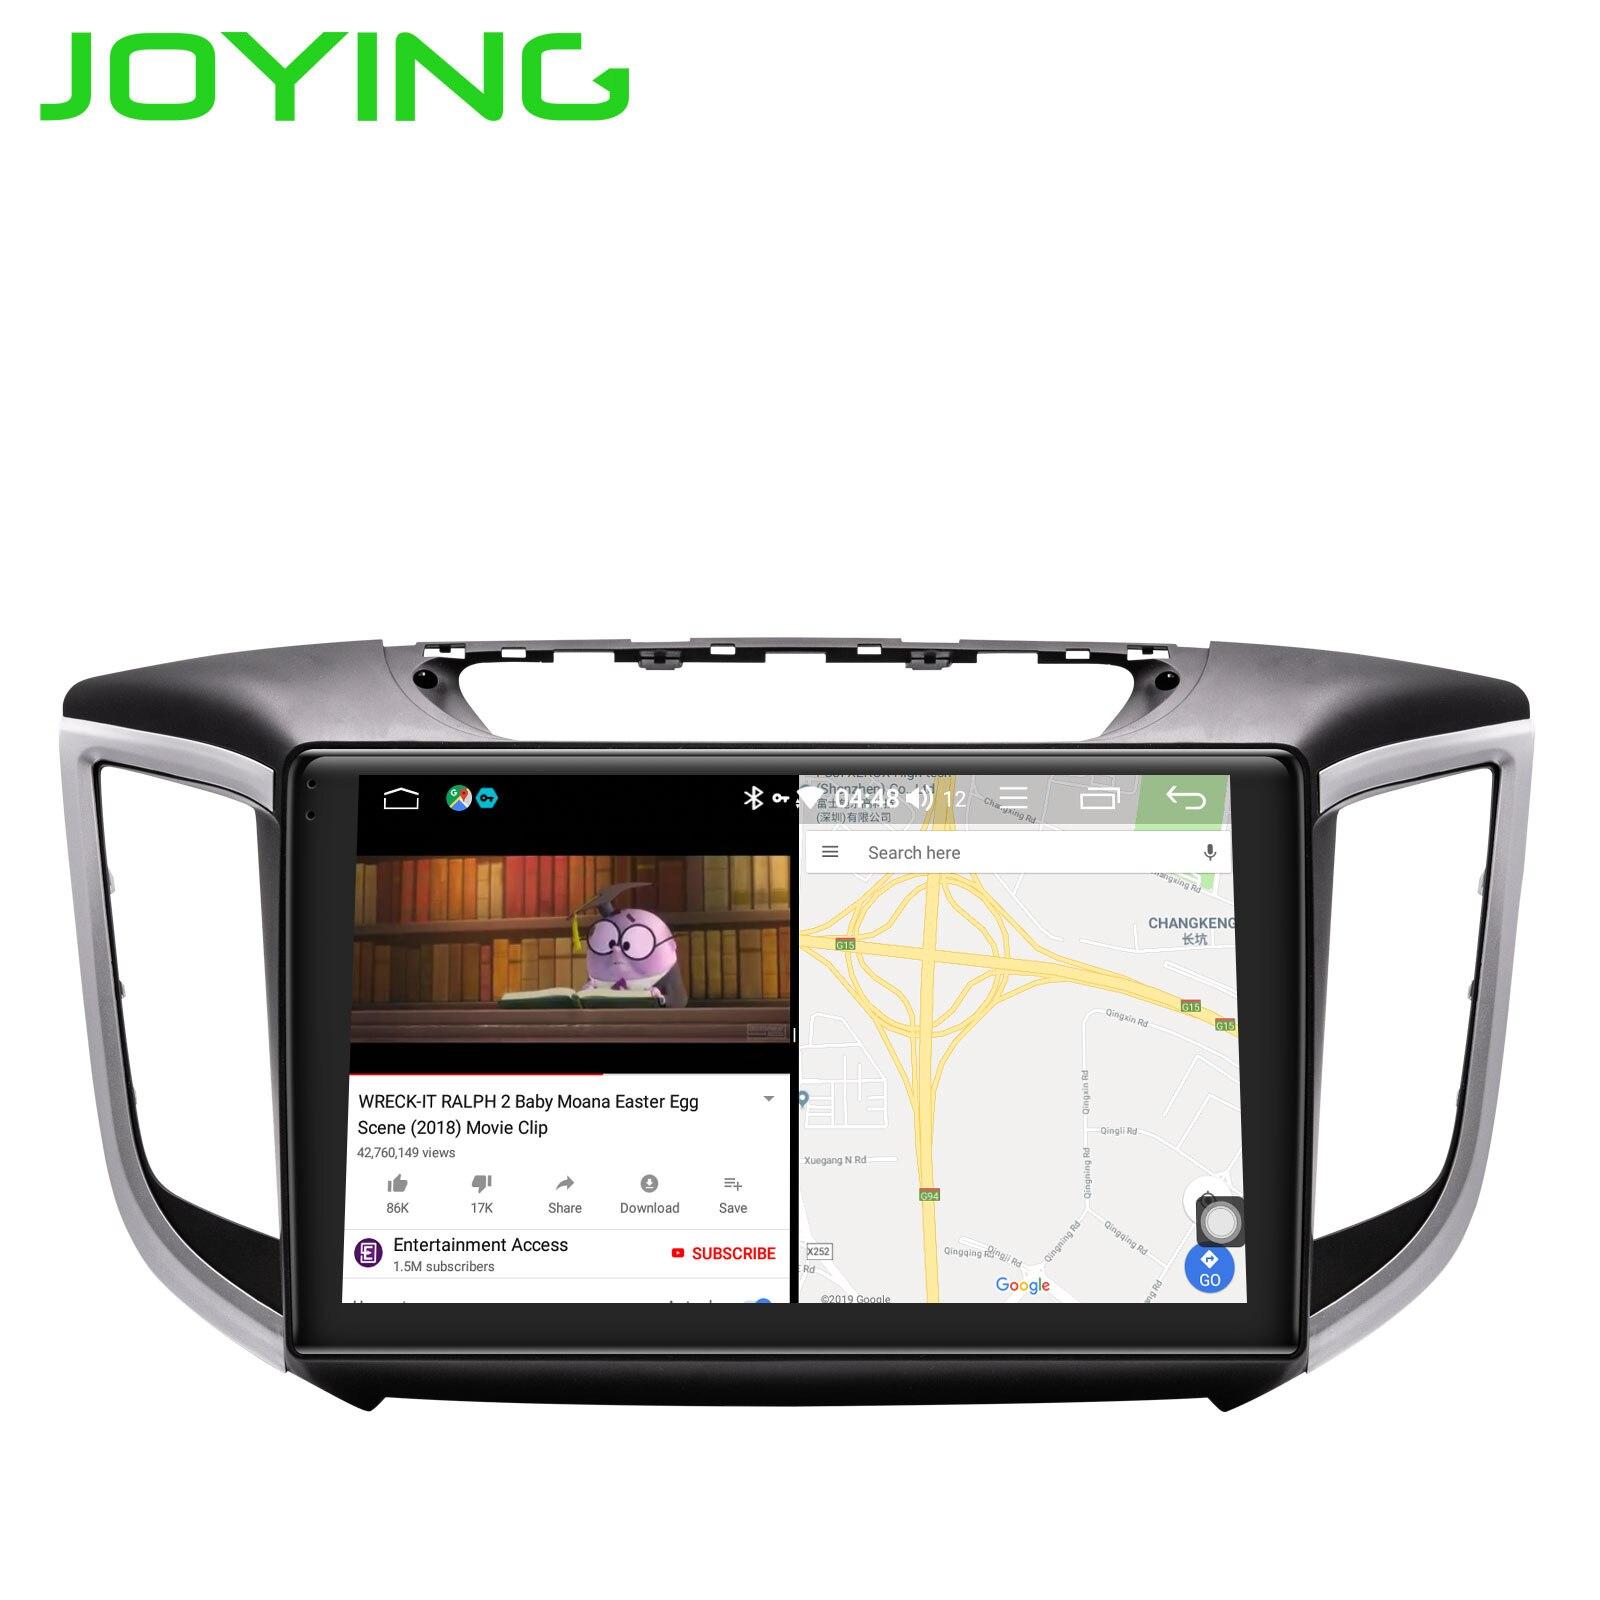 Android 8.1 octa core 4 + 32 GB JOYING 10.1 pouces HD voiture dvd gps stéréo pour HYUNDAI IX25 CRETA radio vidéo audio lecteur multimédia